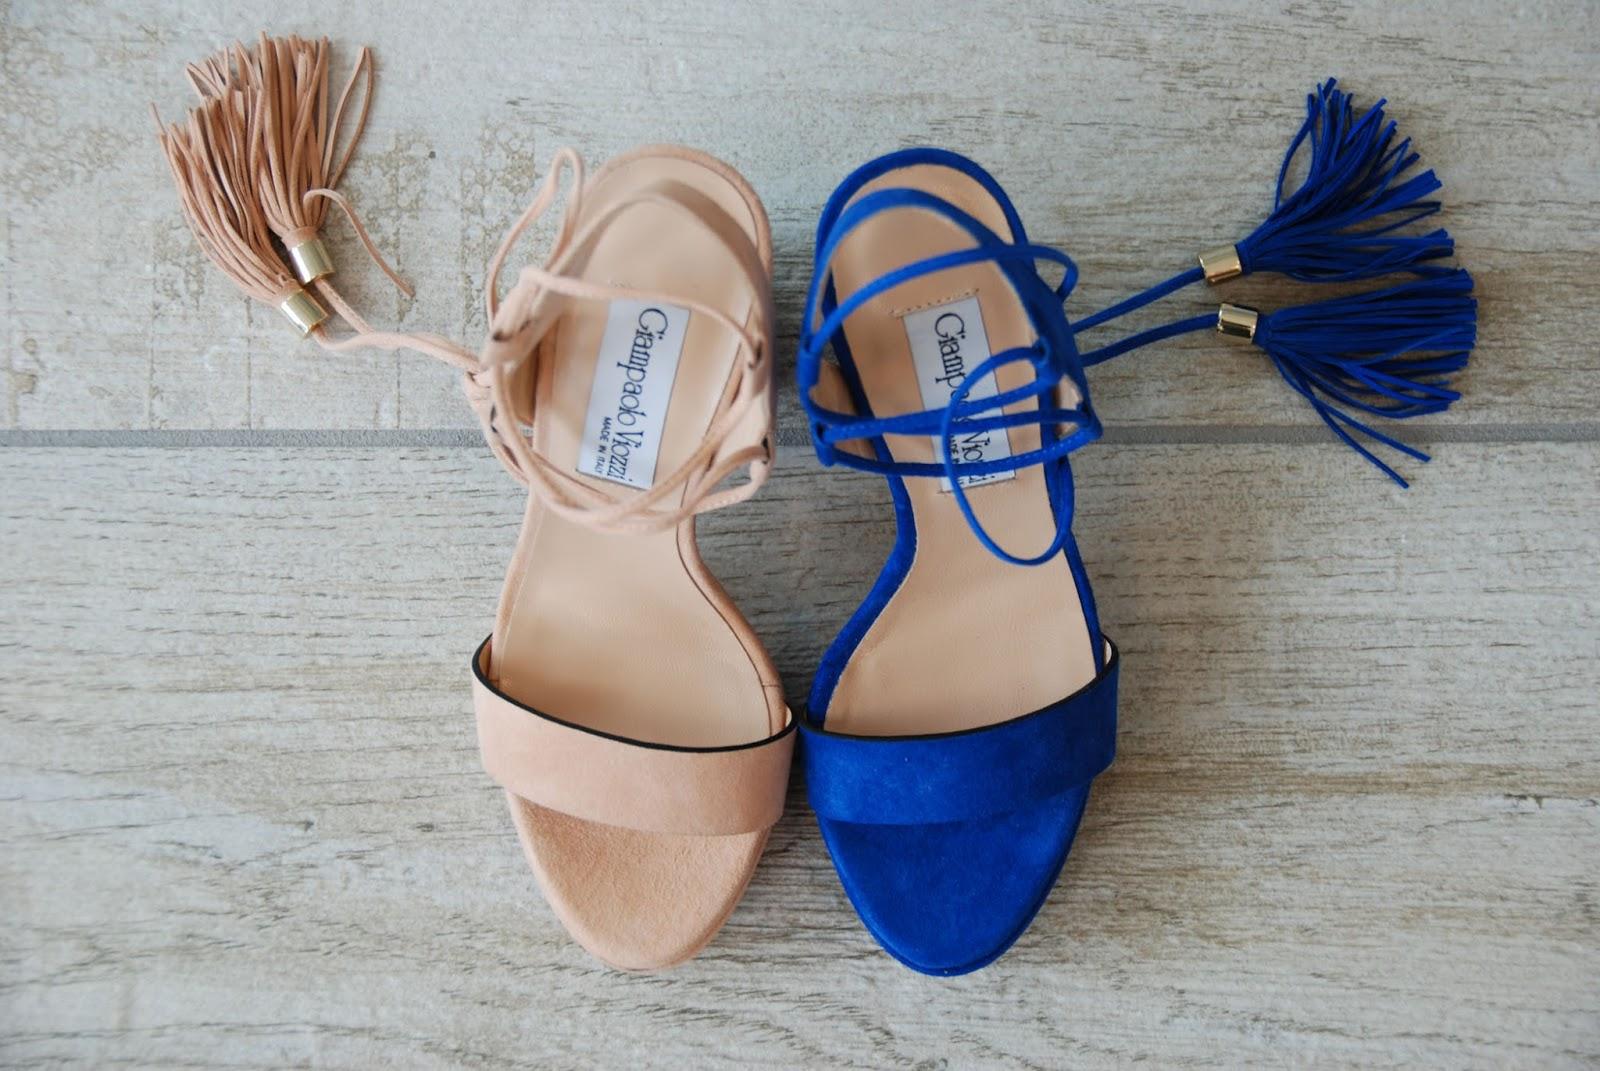 Consigli per gli acquisti - scarpe - Ventitre Calzature - Flero